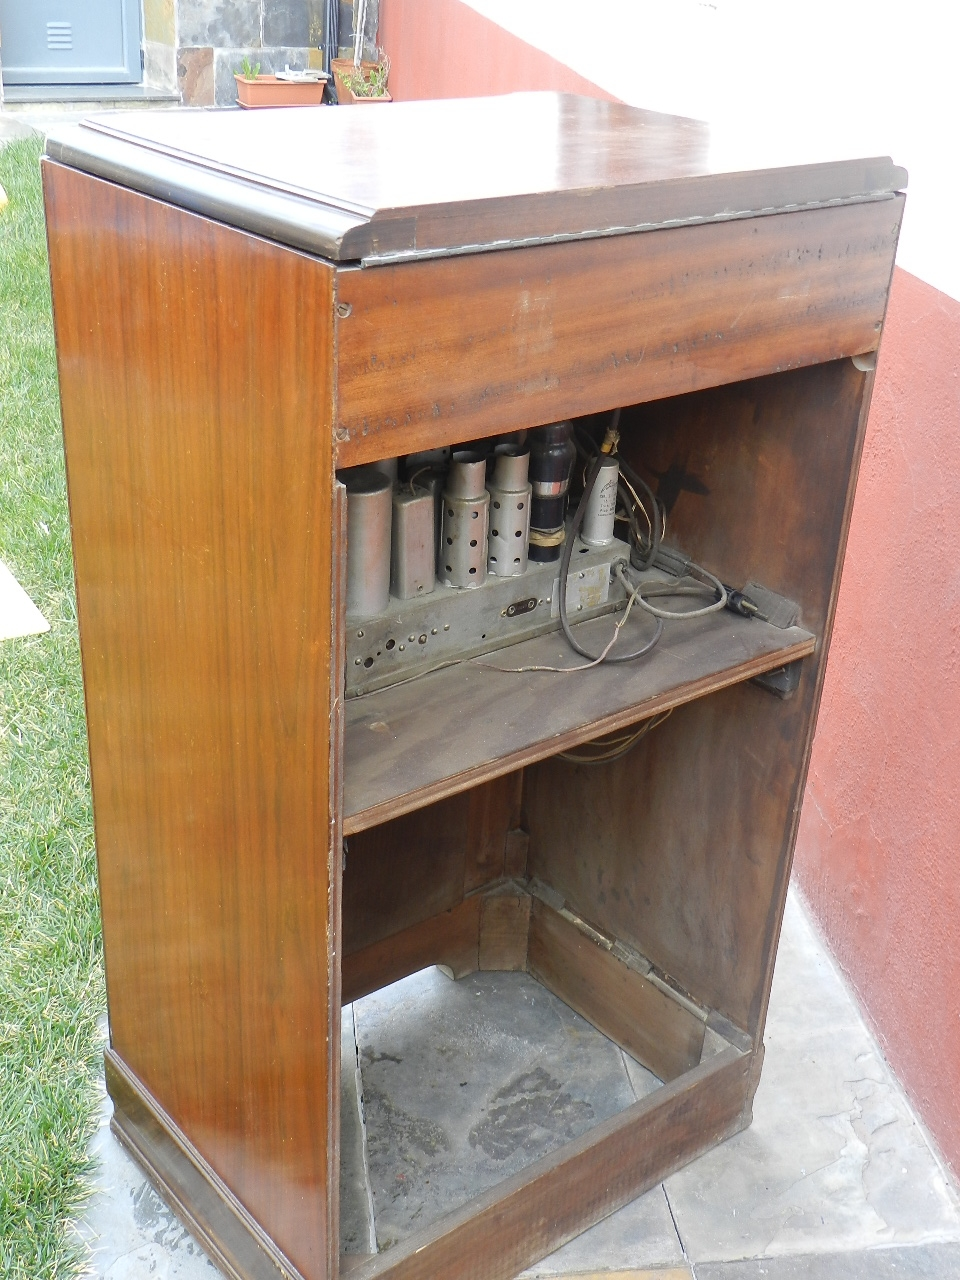 Imagen RADIO GRAMOLA ANDREA AÑO 1940 28562